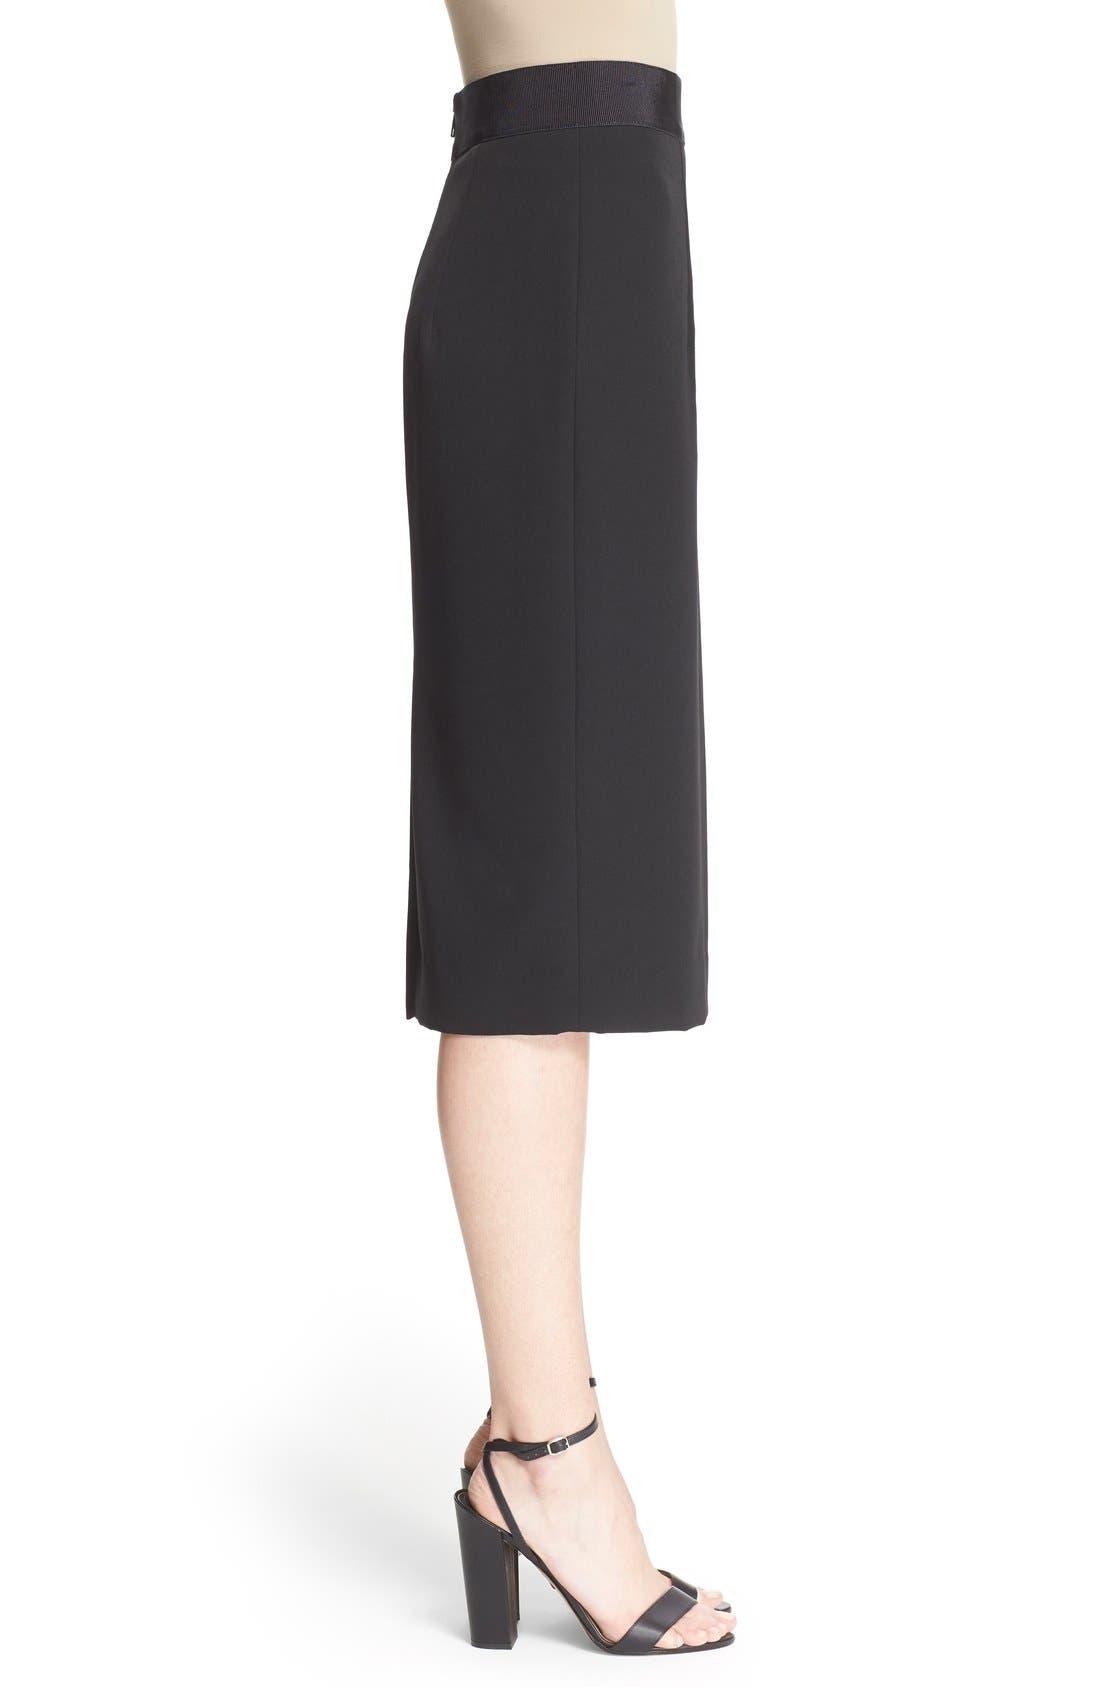 Italian Cady Pencil Skirt,                             Alternate thumbnail 2, color,                             001